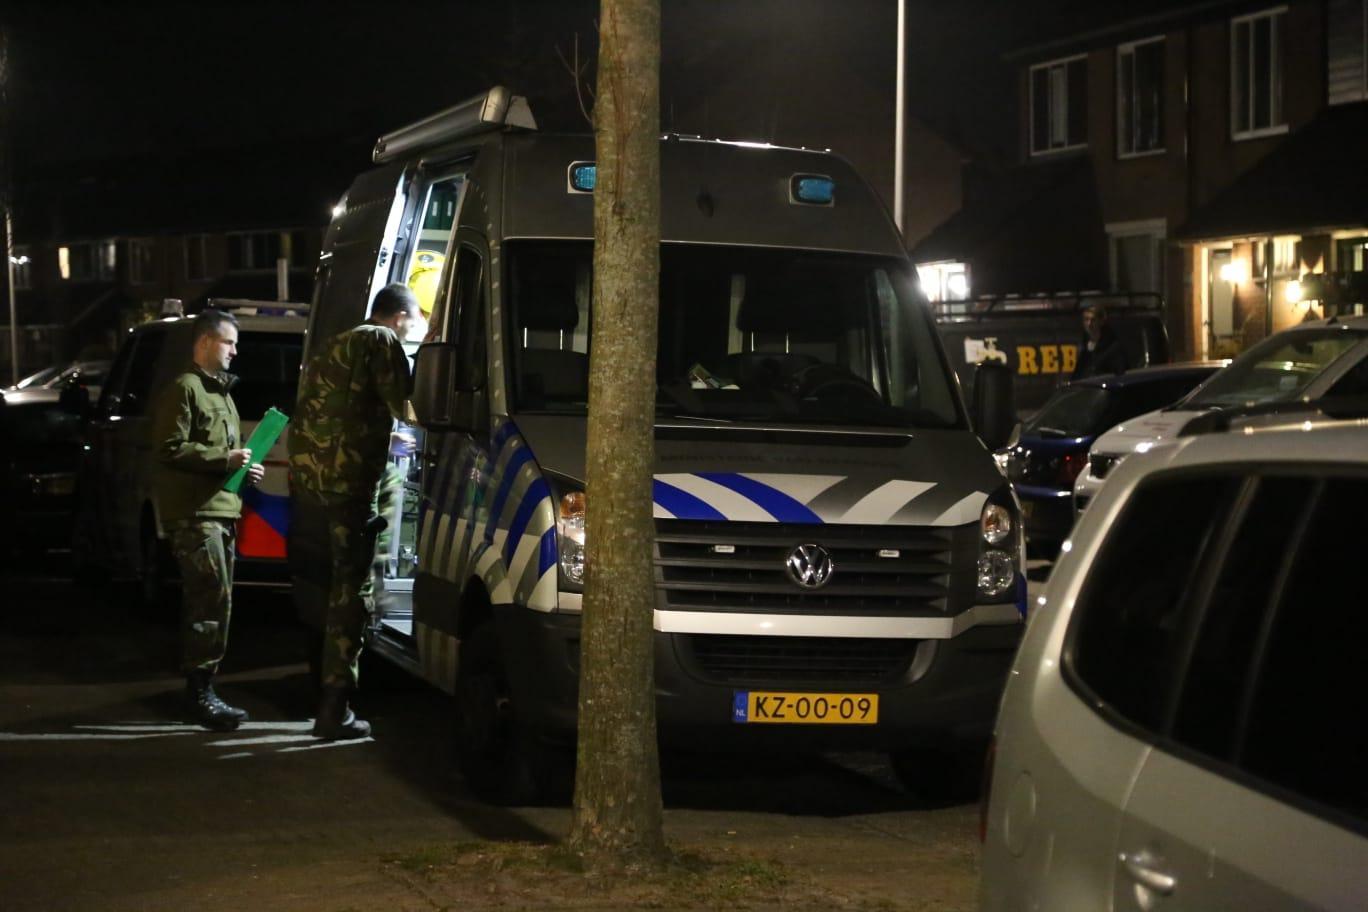 Politie vindt explosief en wapens bij huiszoeking in Huizen